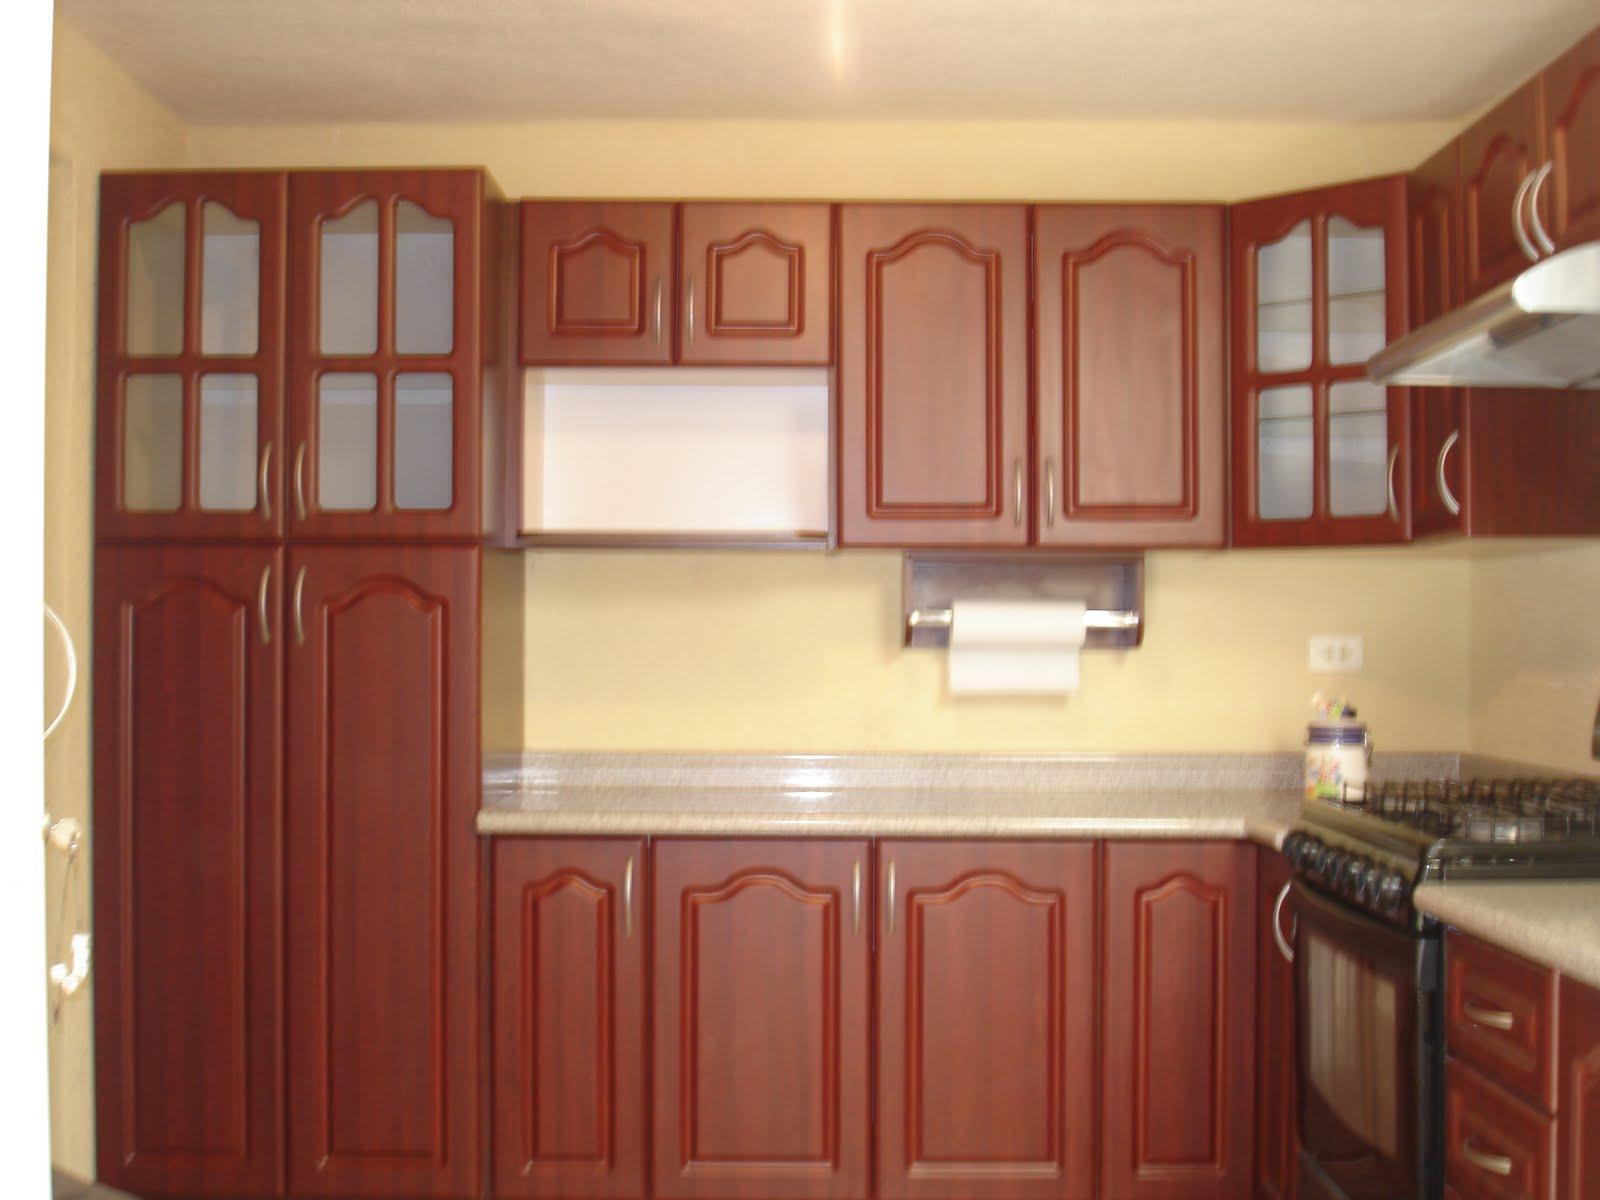 gabinetes de cocina click for details mejora de gabinetes de la cocina